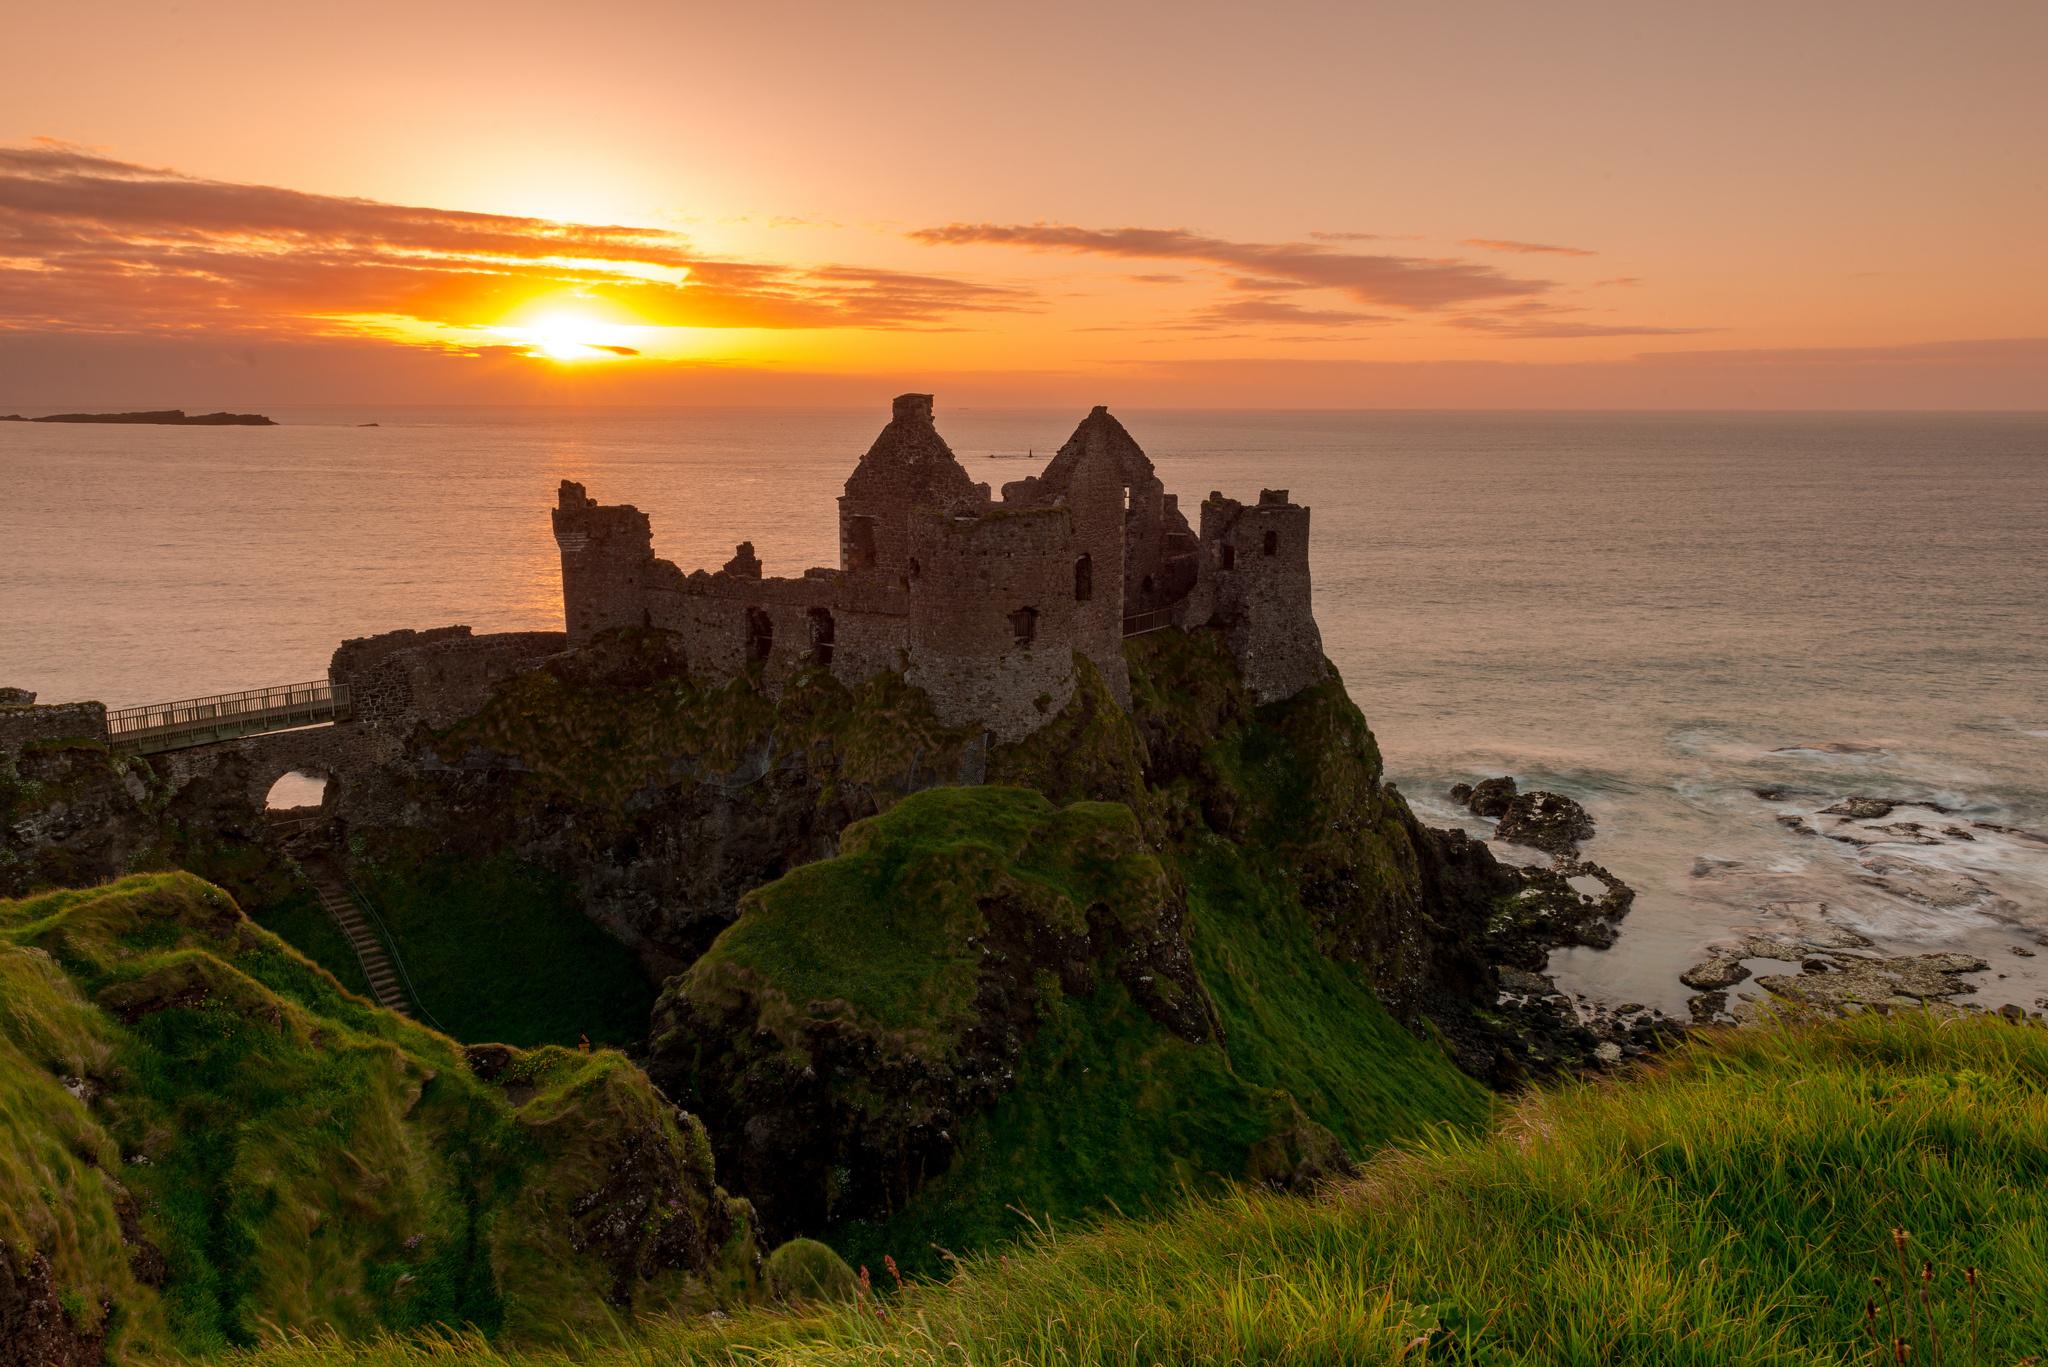 f0 Ирландия мифическая